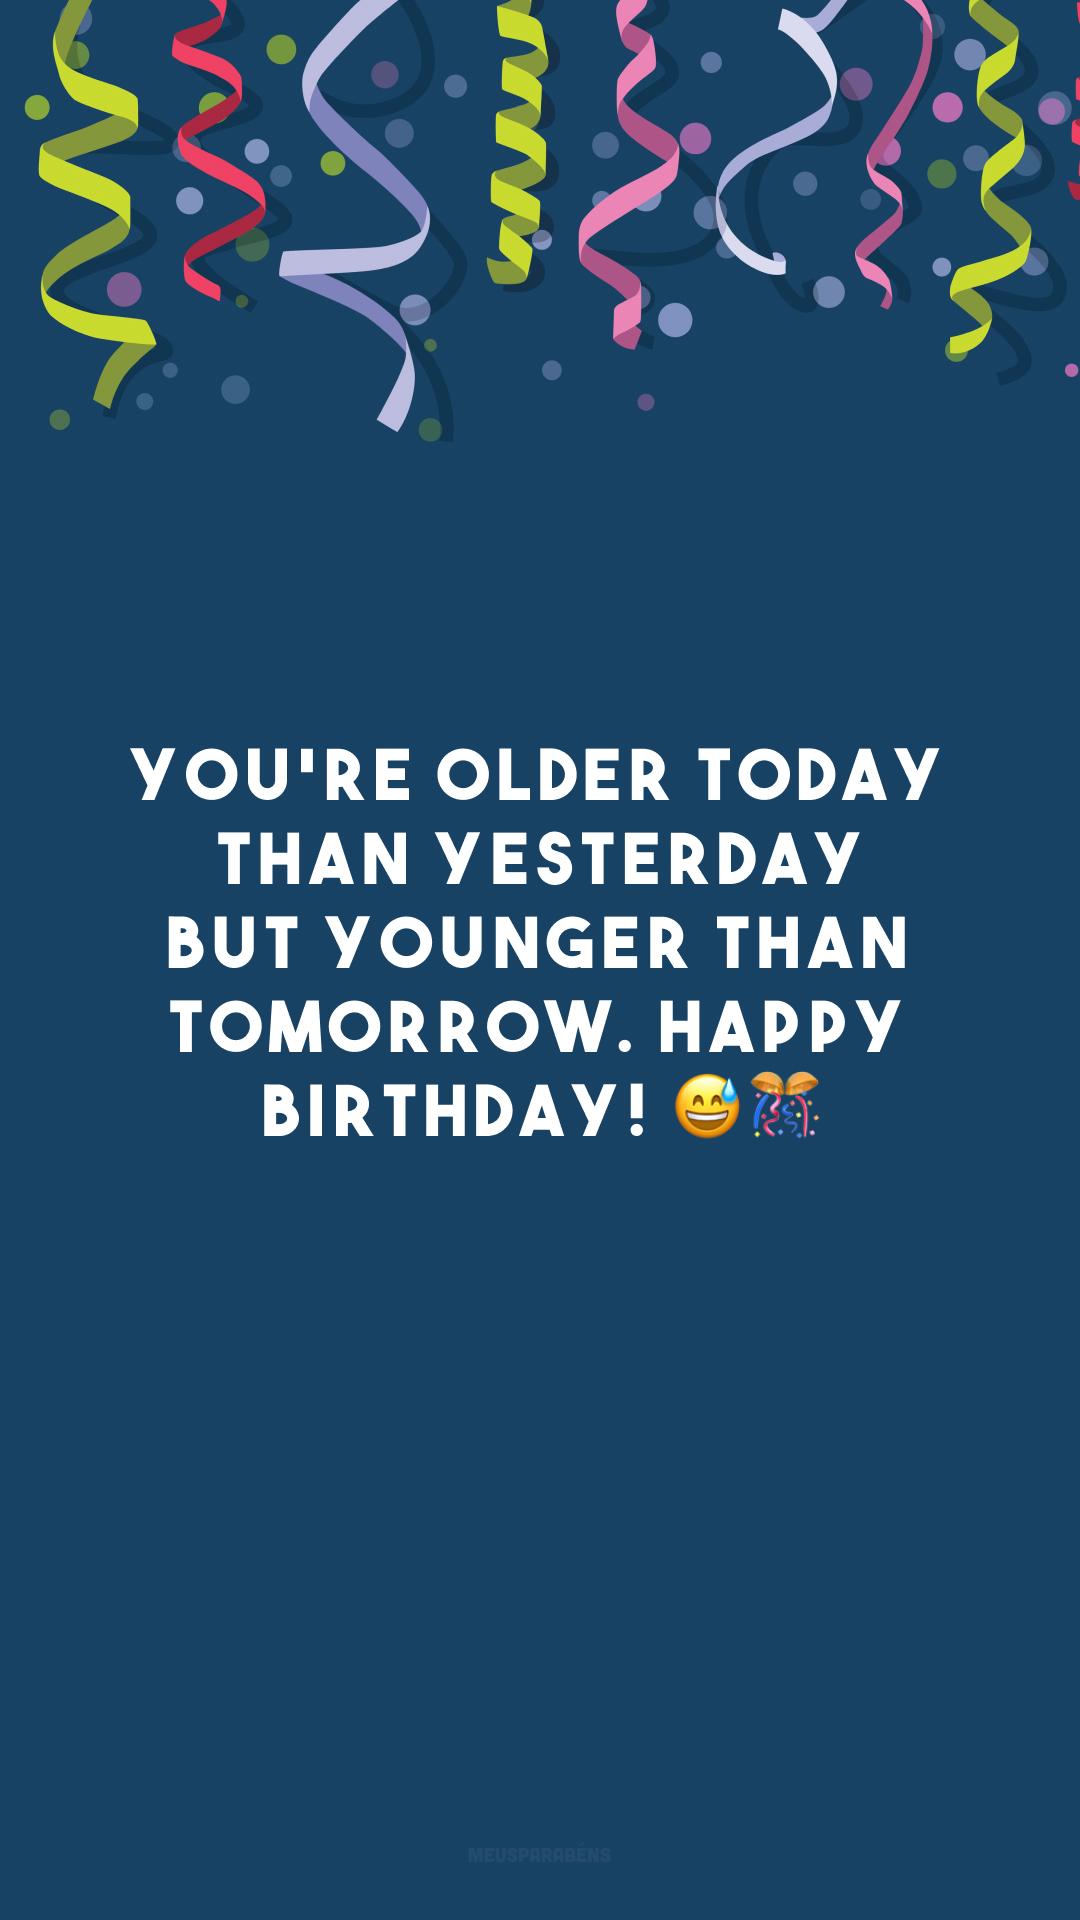 You're older today than yesterday but younger than tomorrow. Happy birthday! 😅🎊 (Você é mais velho do que ontem e mais novo do que amanhã. Feliz aniversário!)